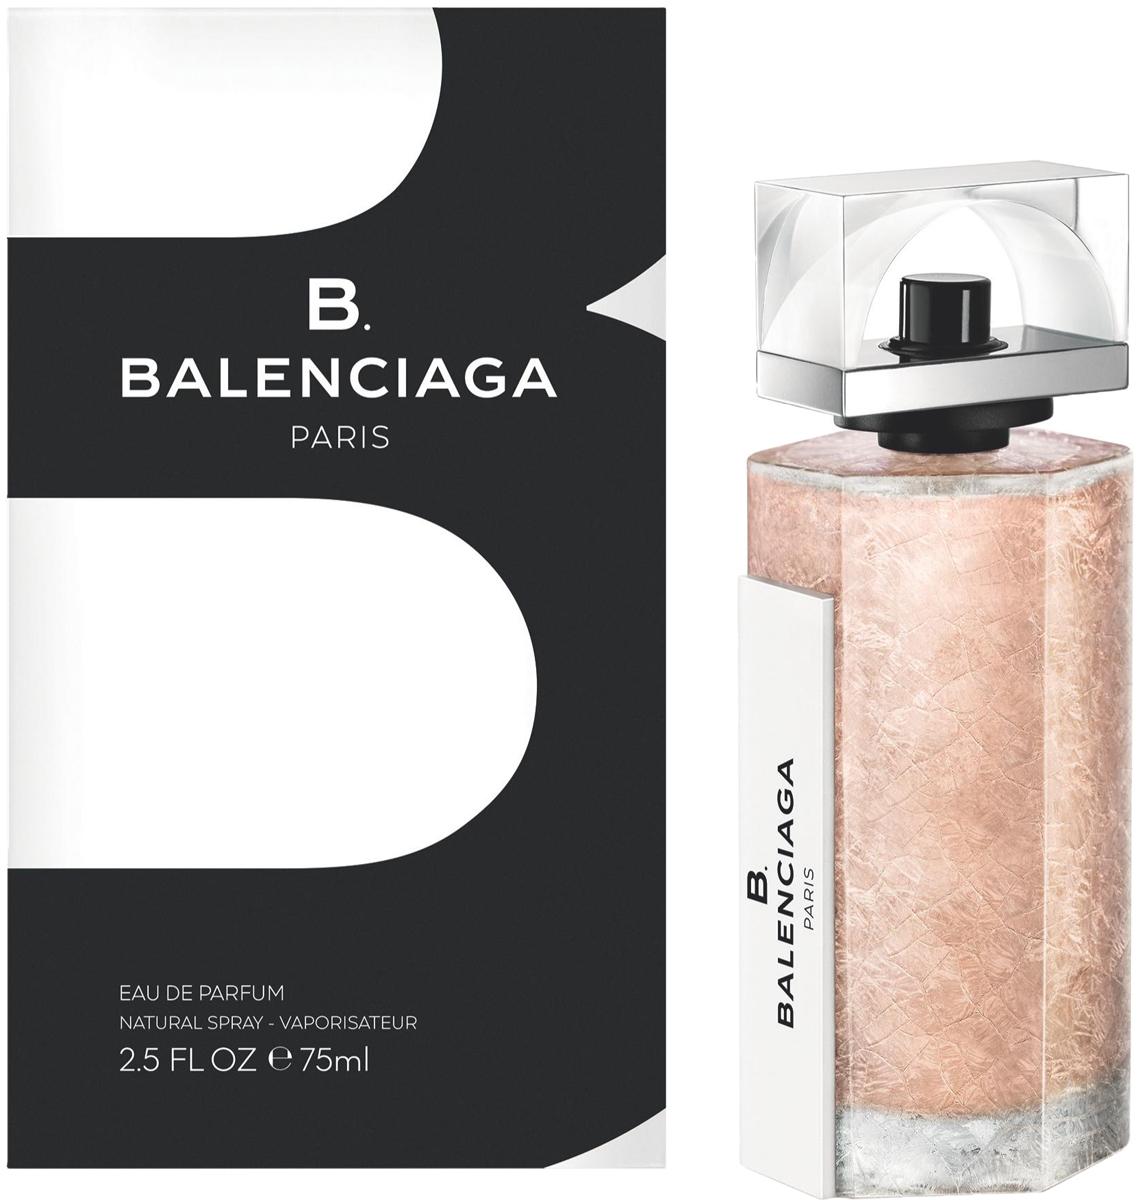 Balenciaga B. Парфюмерная вода женская, 75 мл71788091000Первый аромат Balenciaga от Alexander Wang, свежий древесный аромат, изысканный и утонченный. Воплощает стиль женщины Balenciaga - современная женственность, изящная элегантность. Если Вам нравится сочетание прохлады свежих нот и чувственности мускусного шлейфа - B. Balenciagа не оставит Вас равнодушной! На границе классики и авангарда Balenciaga создает новую парфюмерную историю B. Balenciaga. Изящный и благородный, аромат отражает суть современной героини Balenciaga.ВЕРХНИЕ НОТЫ: Аккорды зеленых соевых бобов, Лилия.СРЕДНИЕ НОТЫ: Фиалковый корень, Кедр.ШЛЕЙФ: Мускатный зарна, Кашмеран.